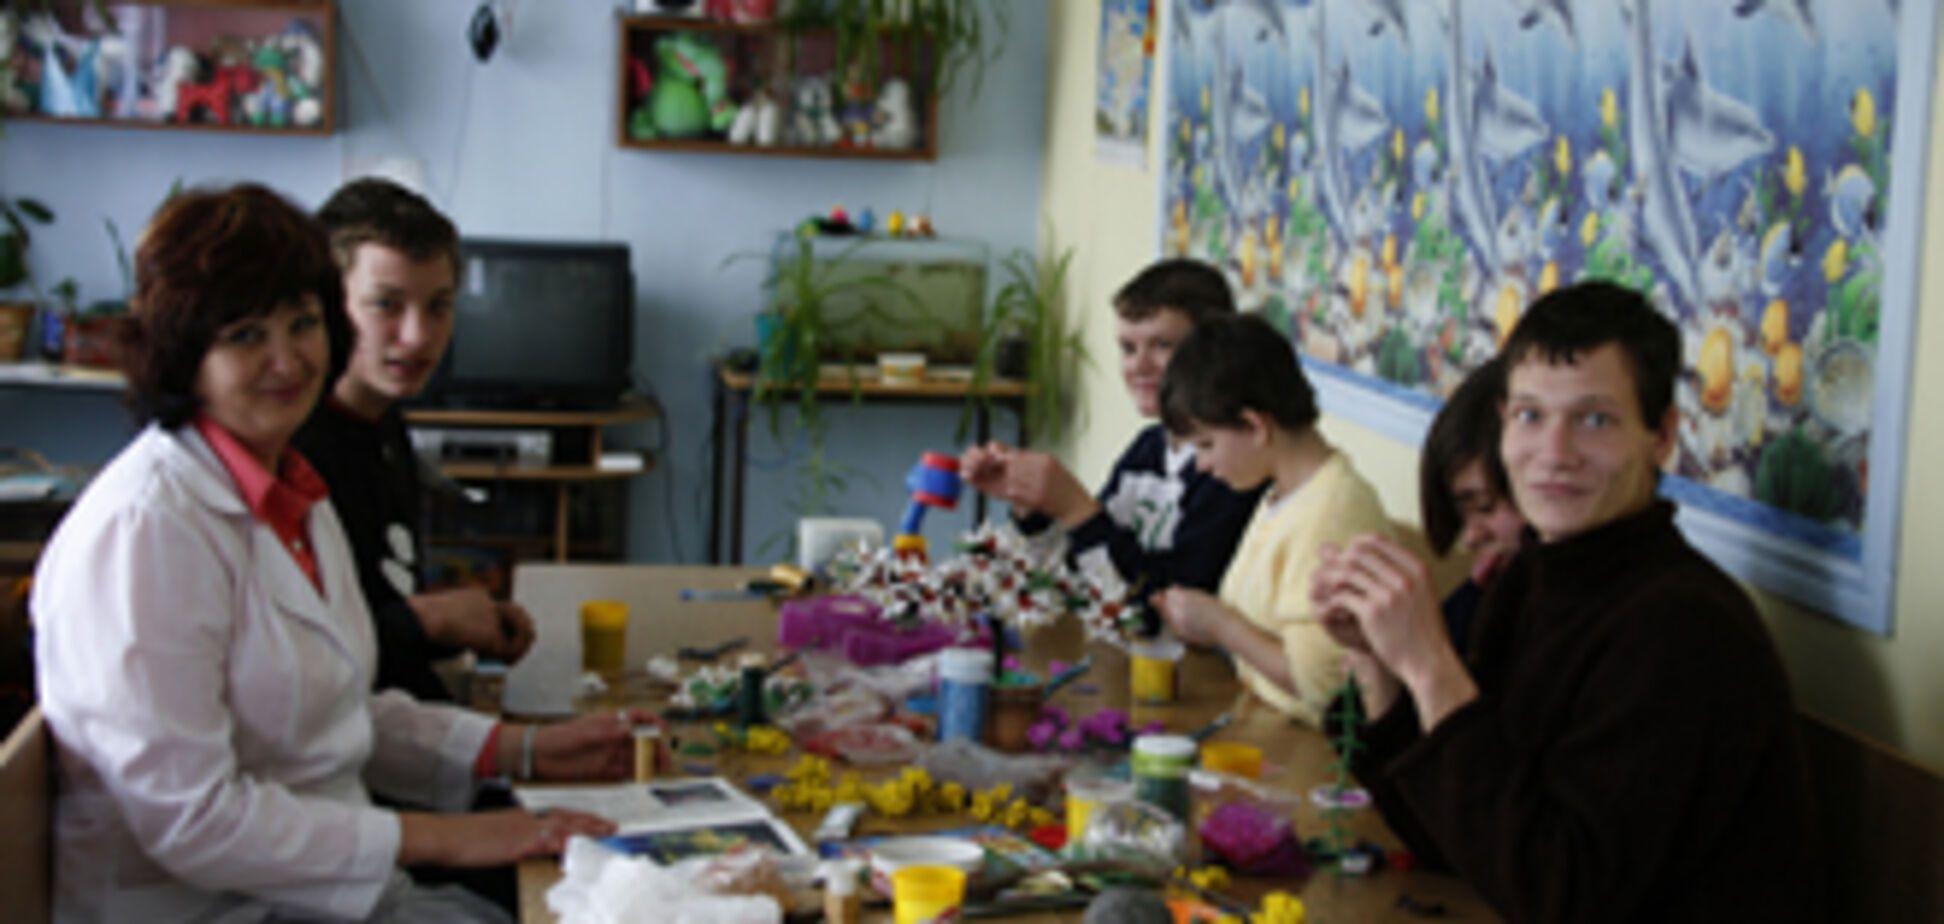 Юных инвалидов заставляли строить дома для воспитателей